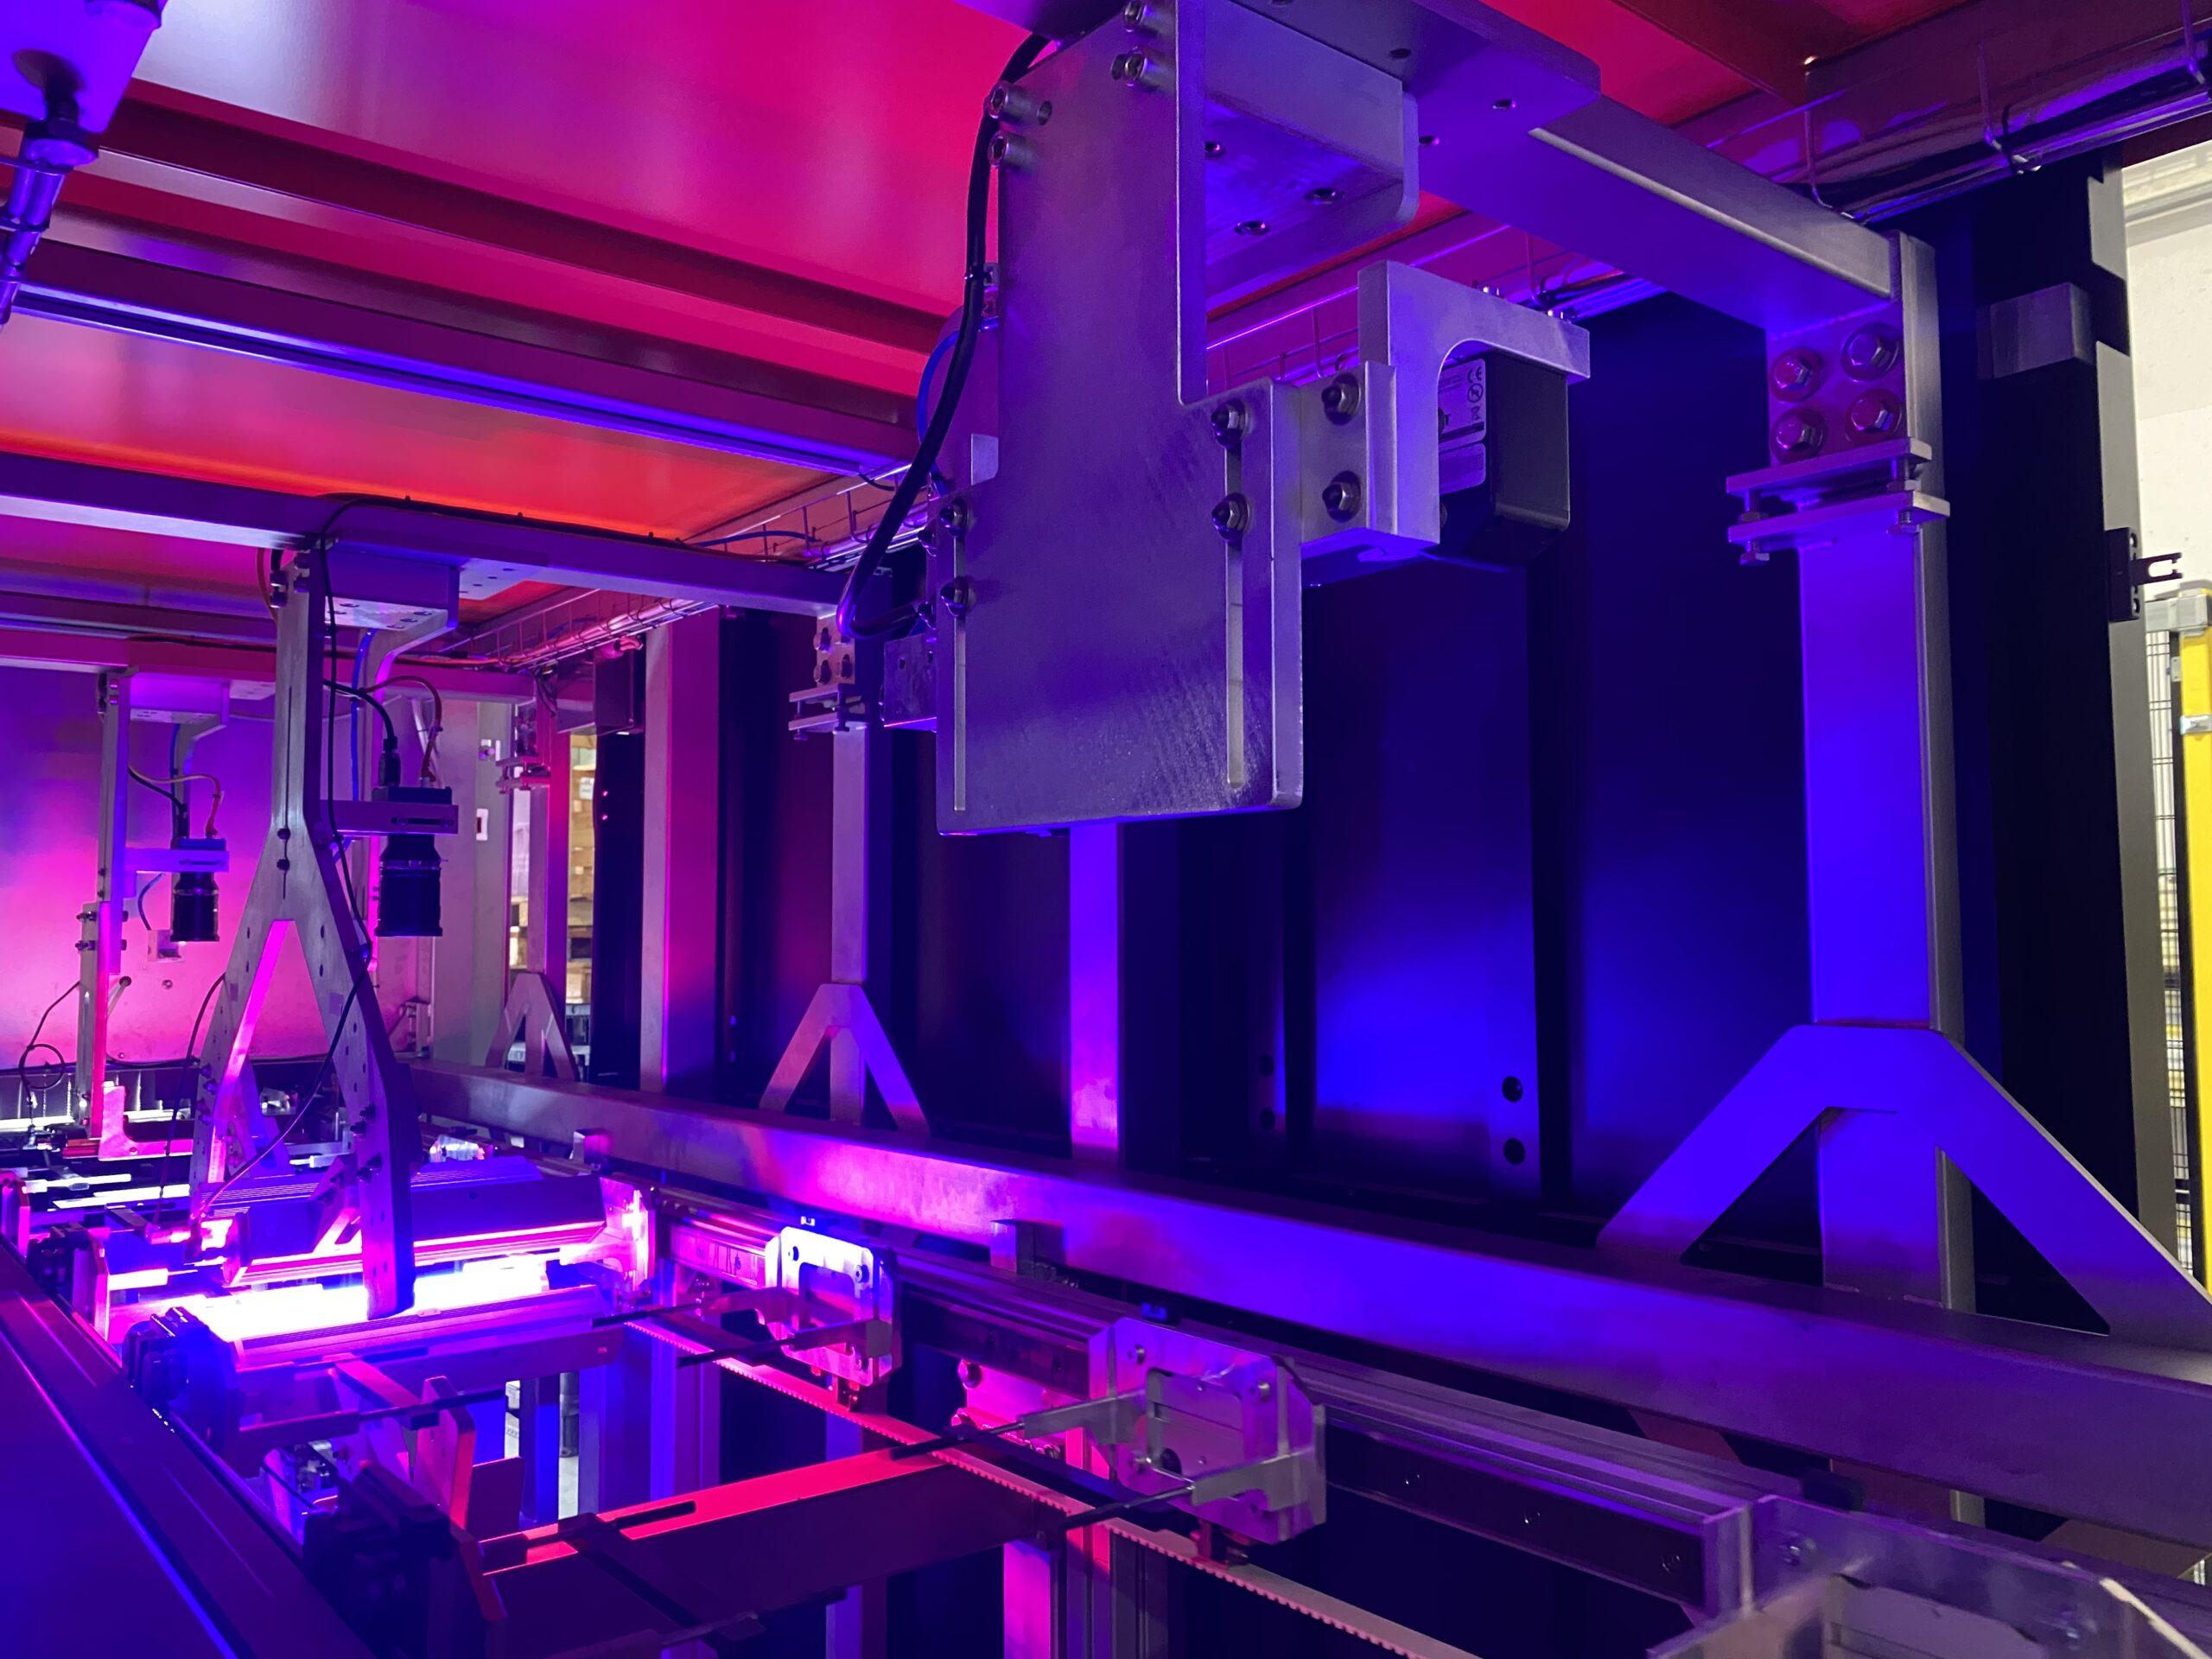 Ingeniería_maquina de laser